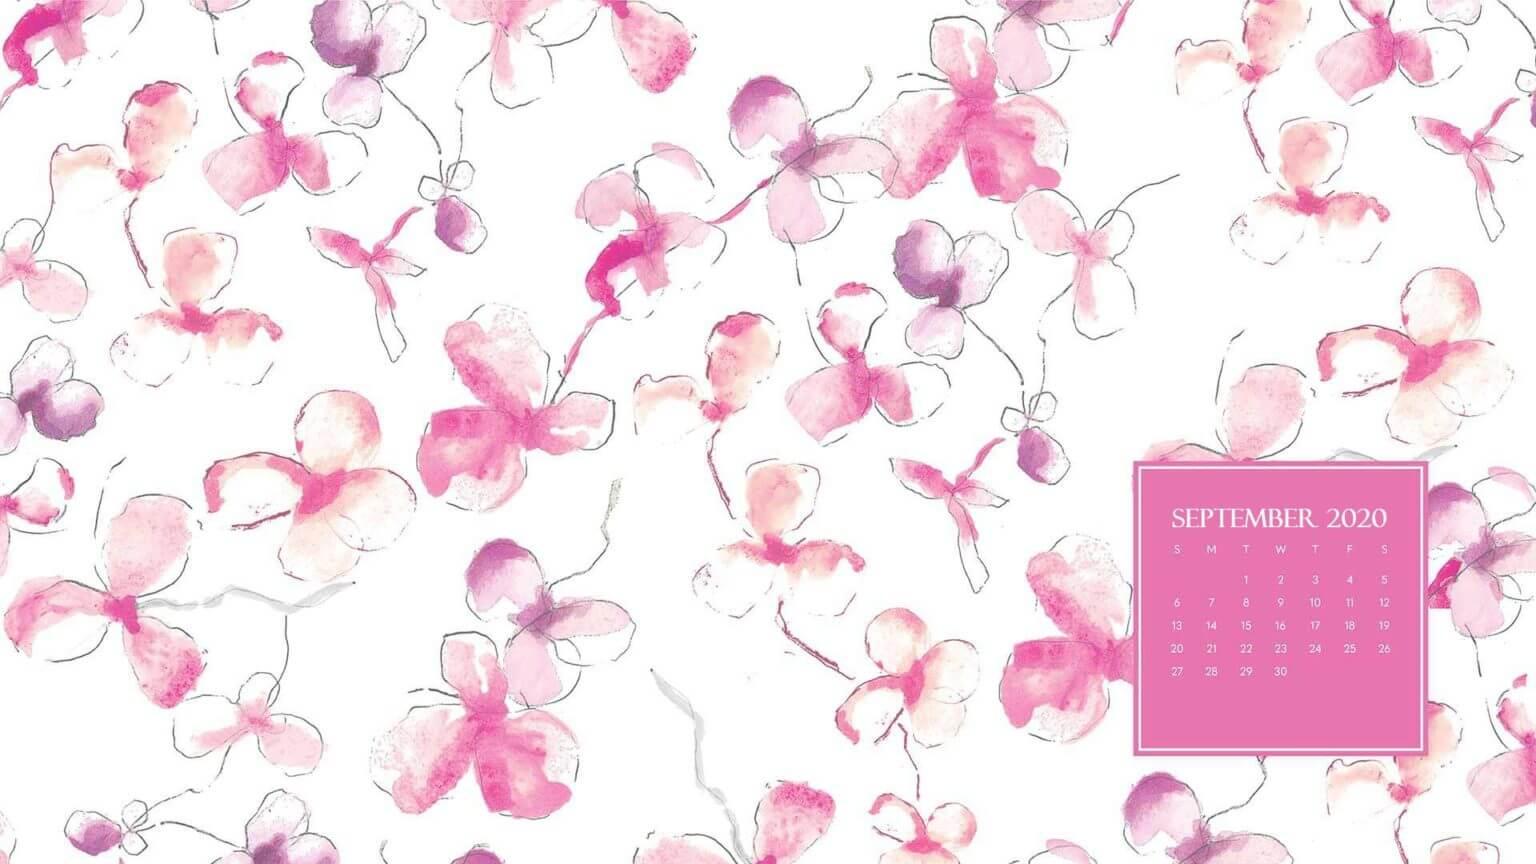 Floral September 2020 Desktop Wallpaper